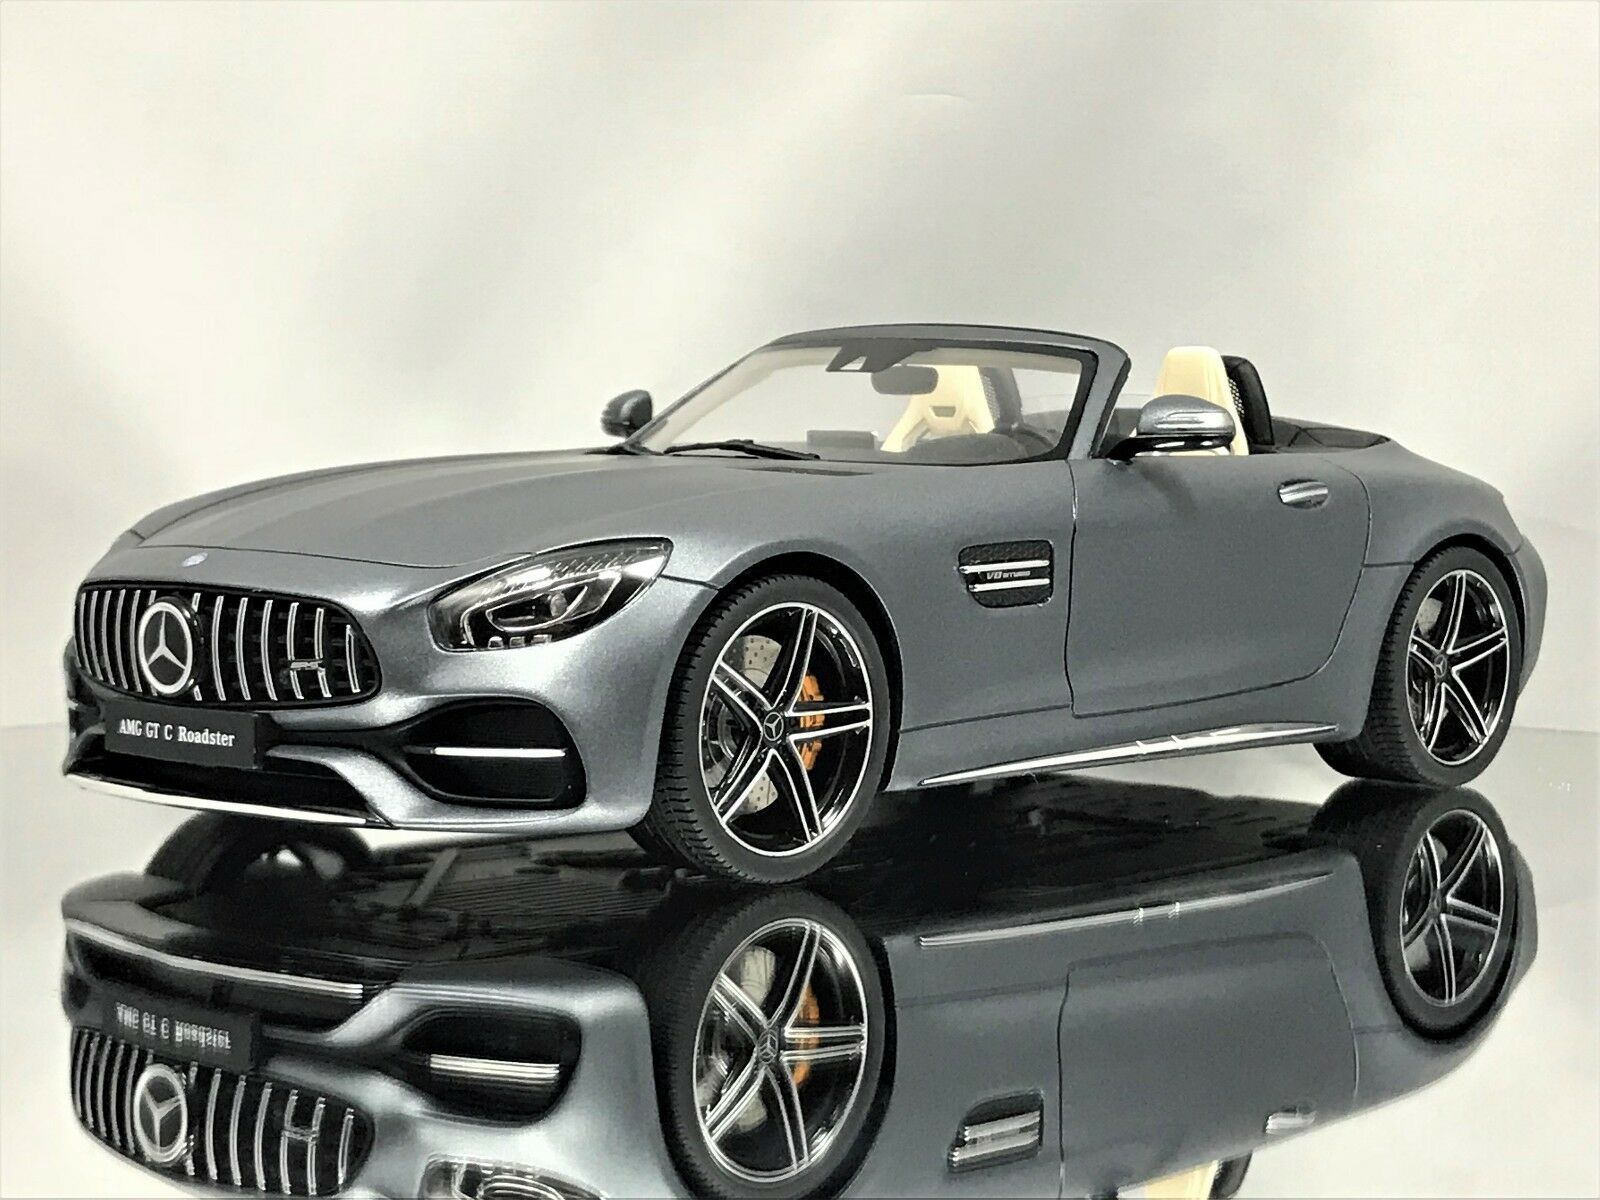 Gt - geist, mercedes - benz gt c (r190) amg roadster cabrio - modell auto grauen 1,18